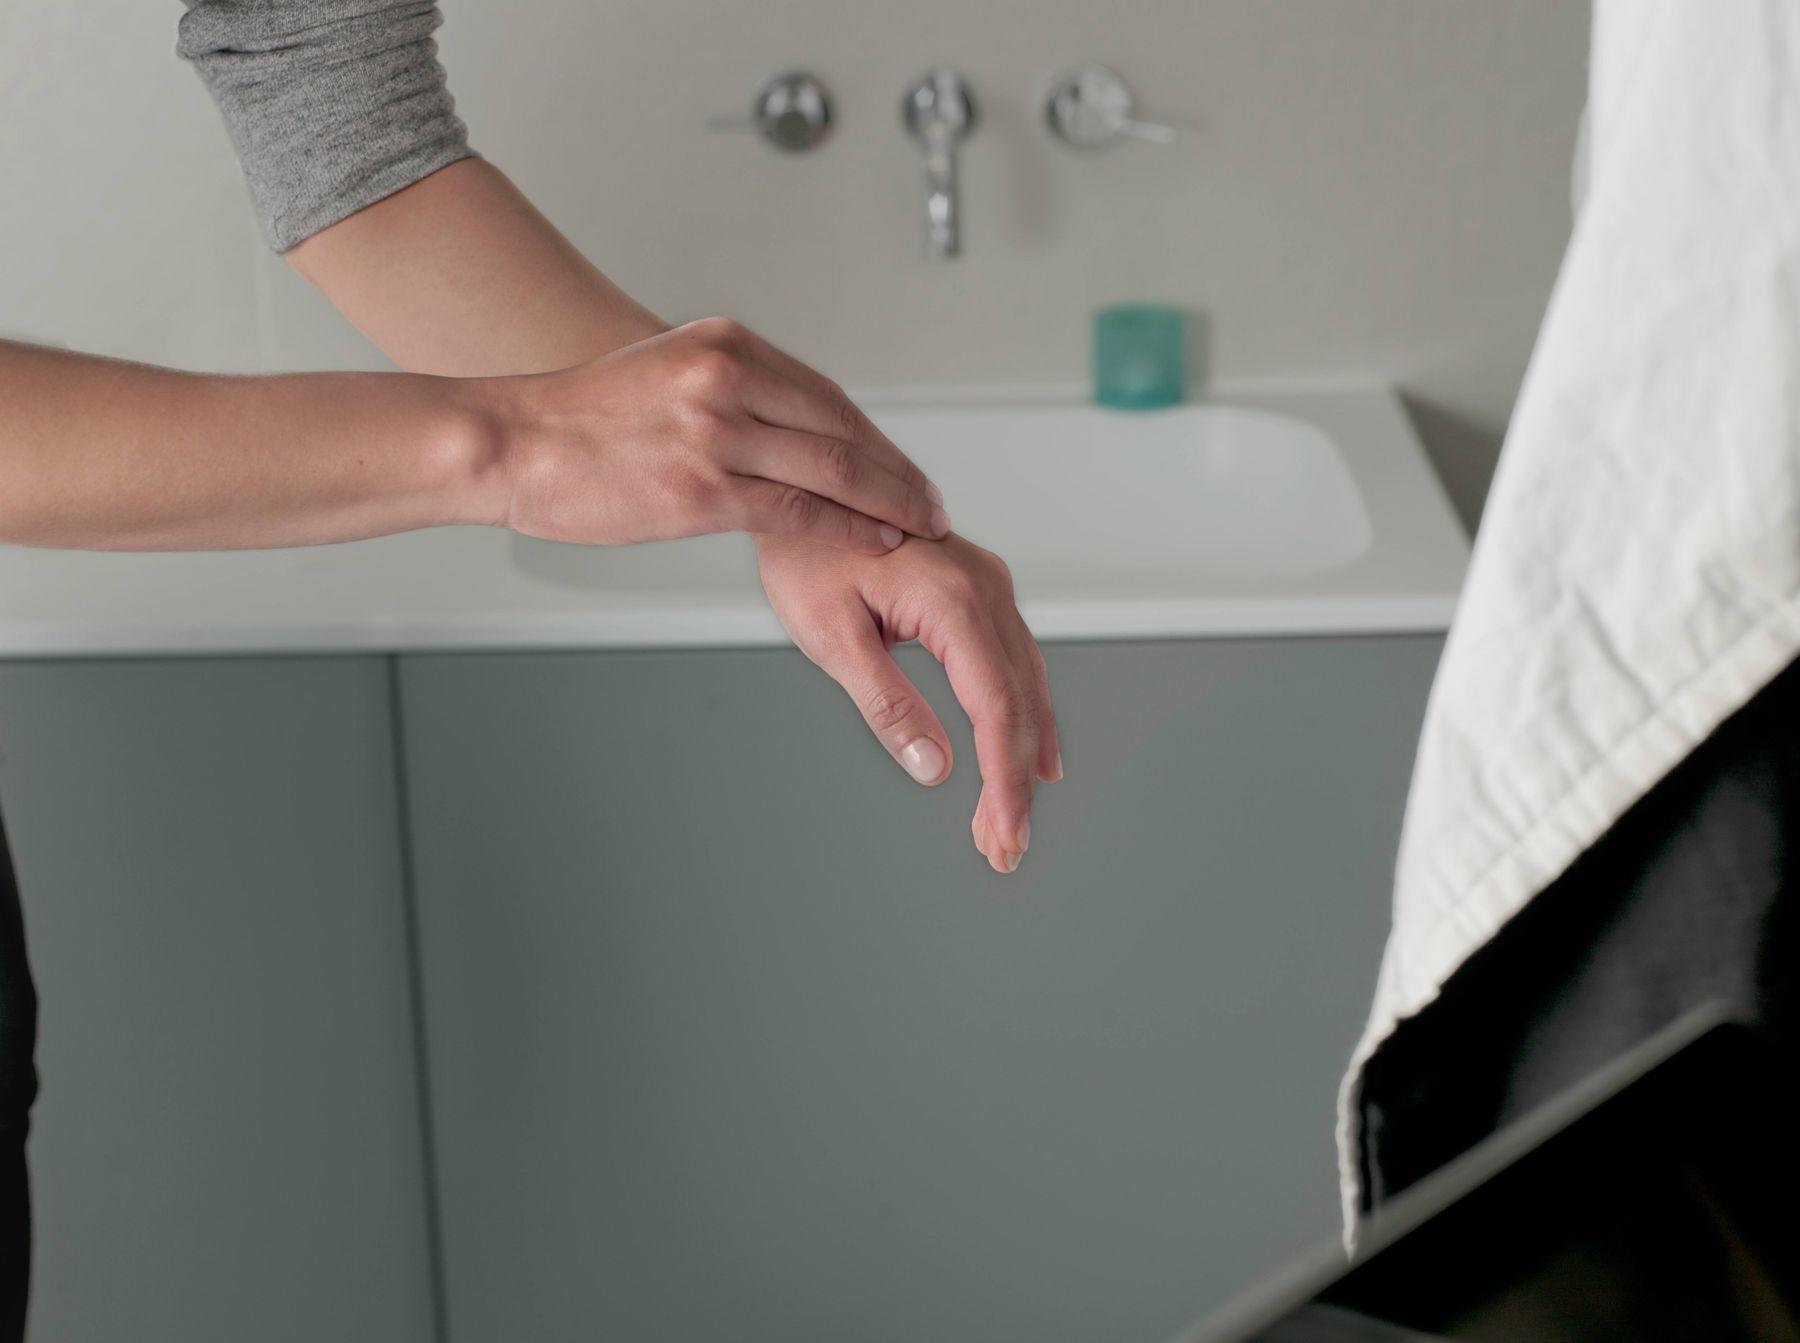 xà phong tự nhiên rửa tay